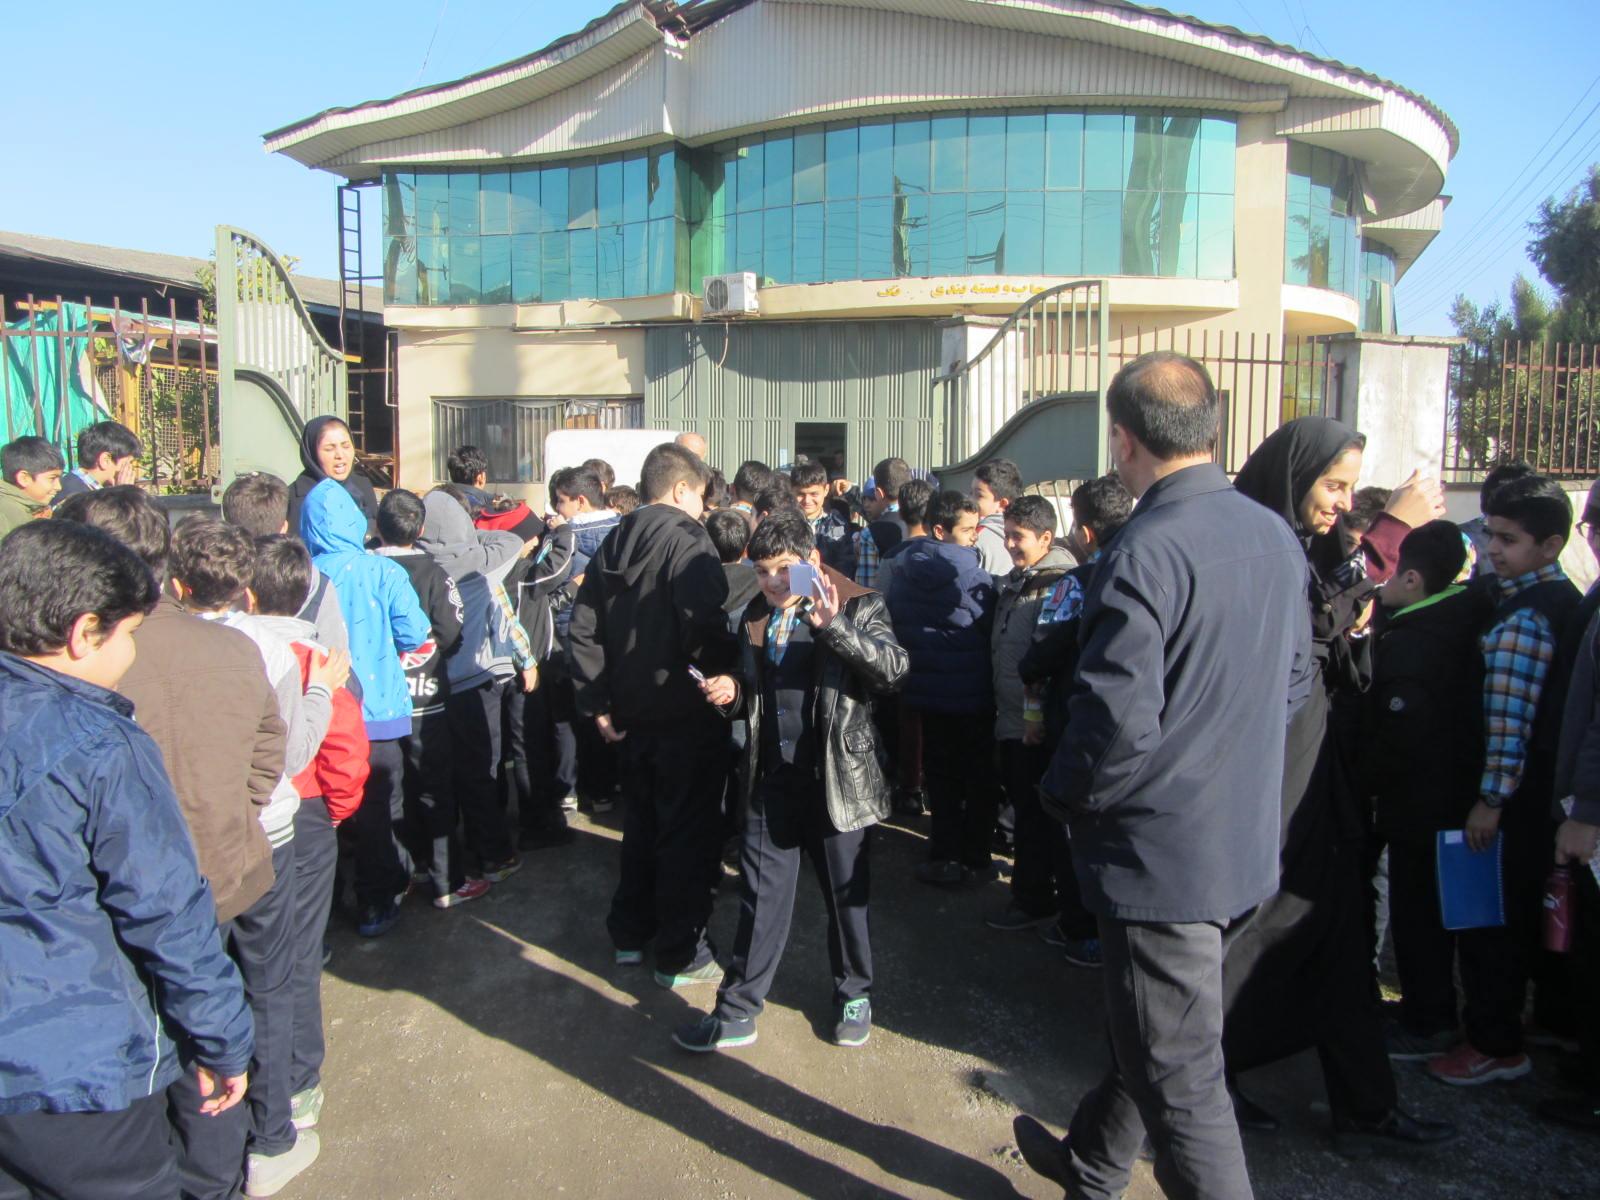 دانش آموزان دبستان فروغ دانش از شرکت صنایع چاپ و بسته بندی سیرنگ بازدید کردند